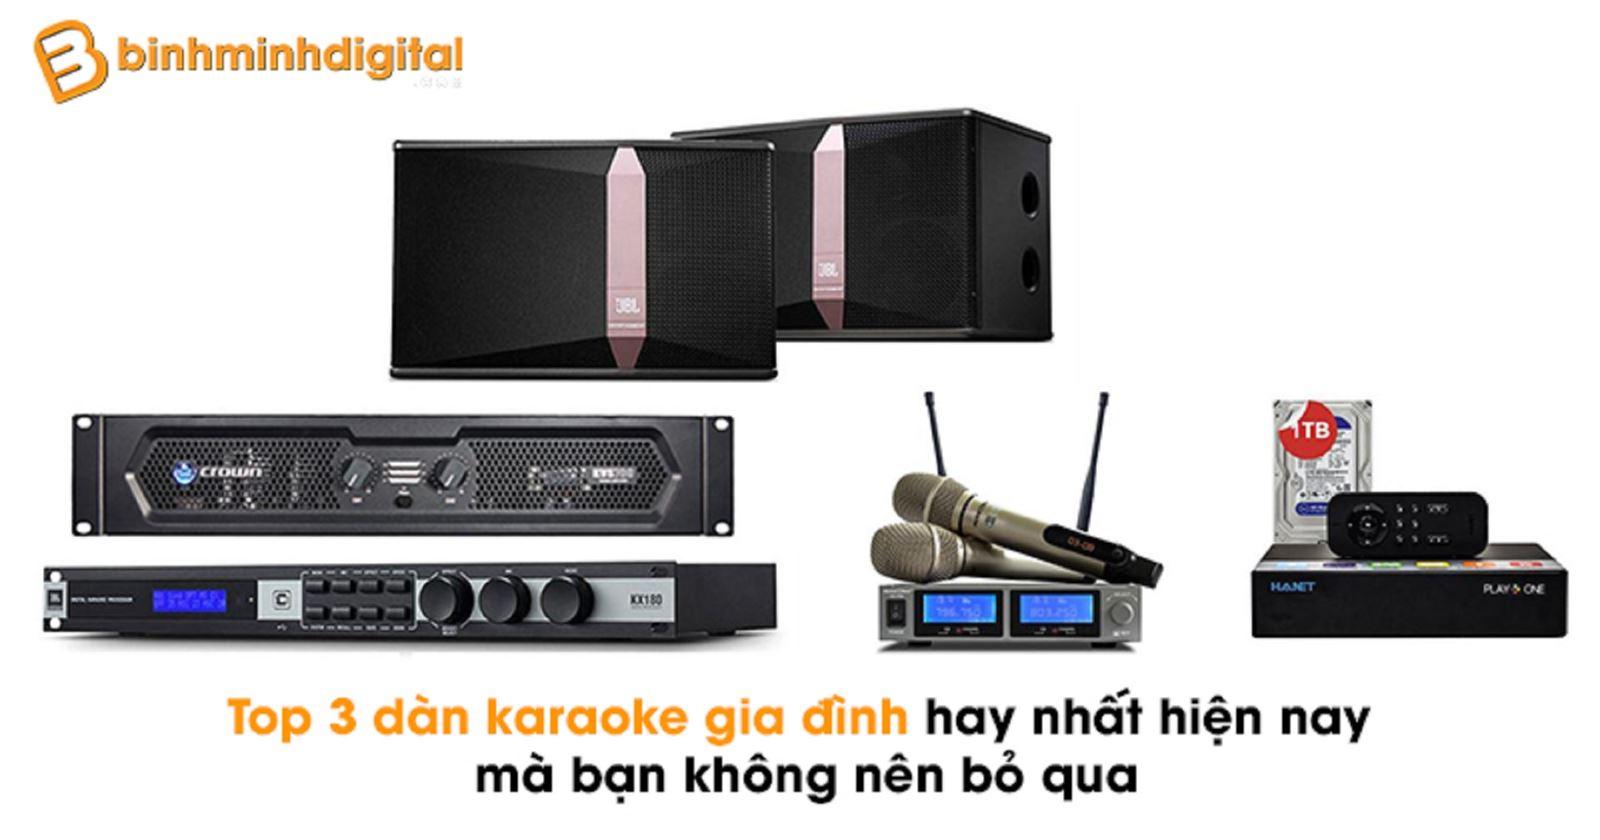 Top 3 dàn karaoke gia đình hay nhất hiện nay mà bạn không nên bỏ qua